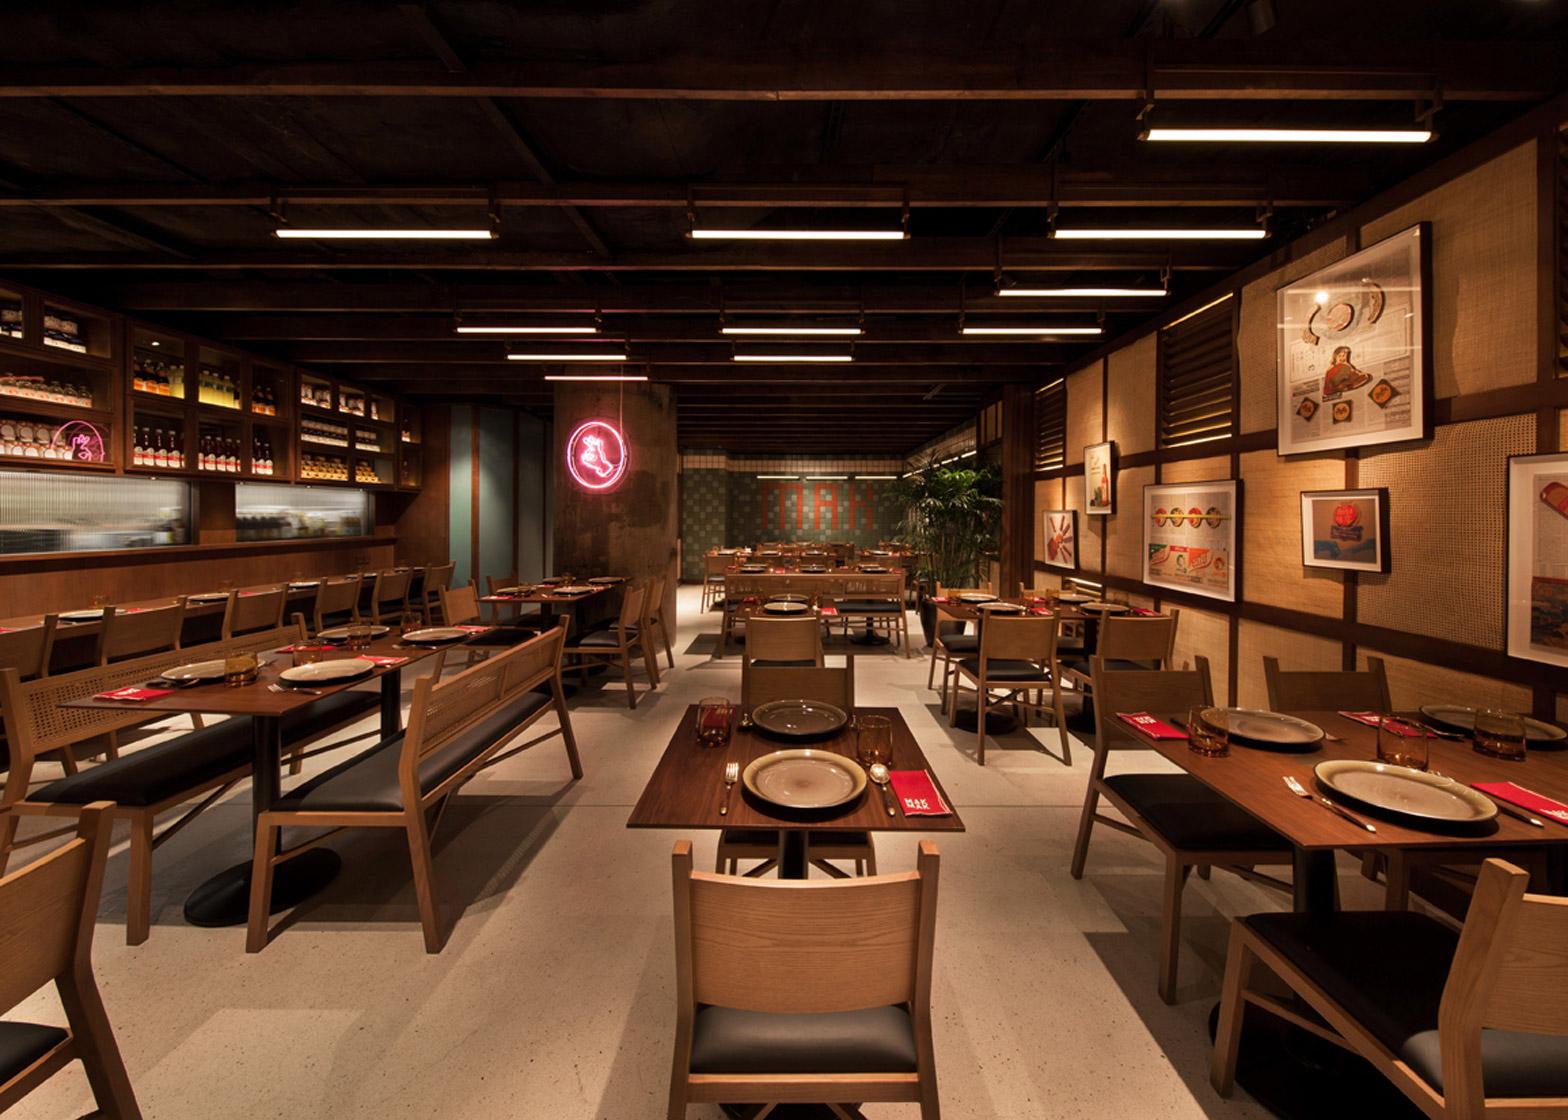 mak-mak-thai-restaurant-nc-design-architecture_dezeen_1568_4